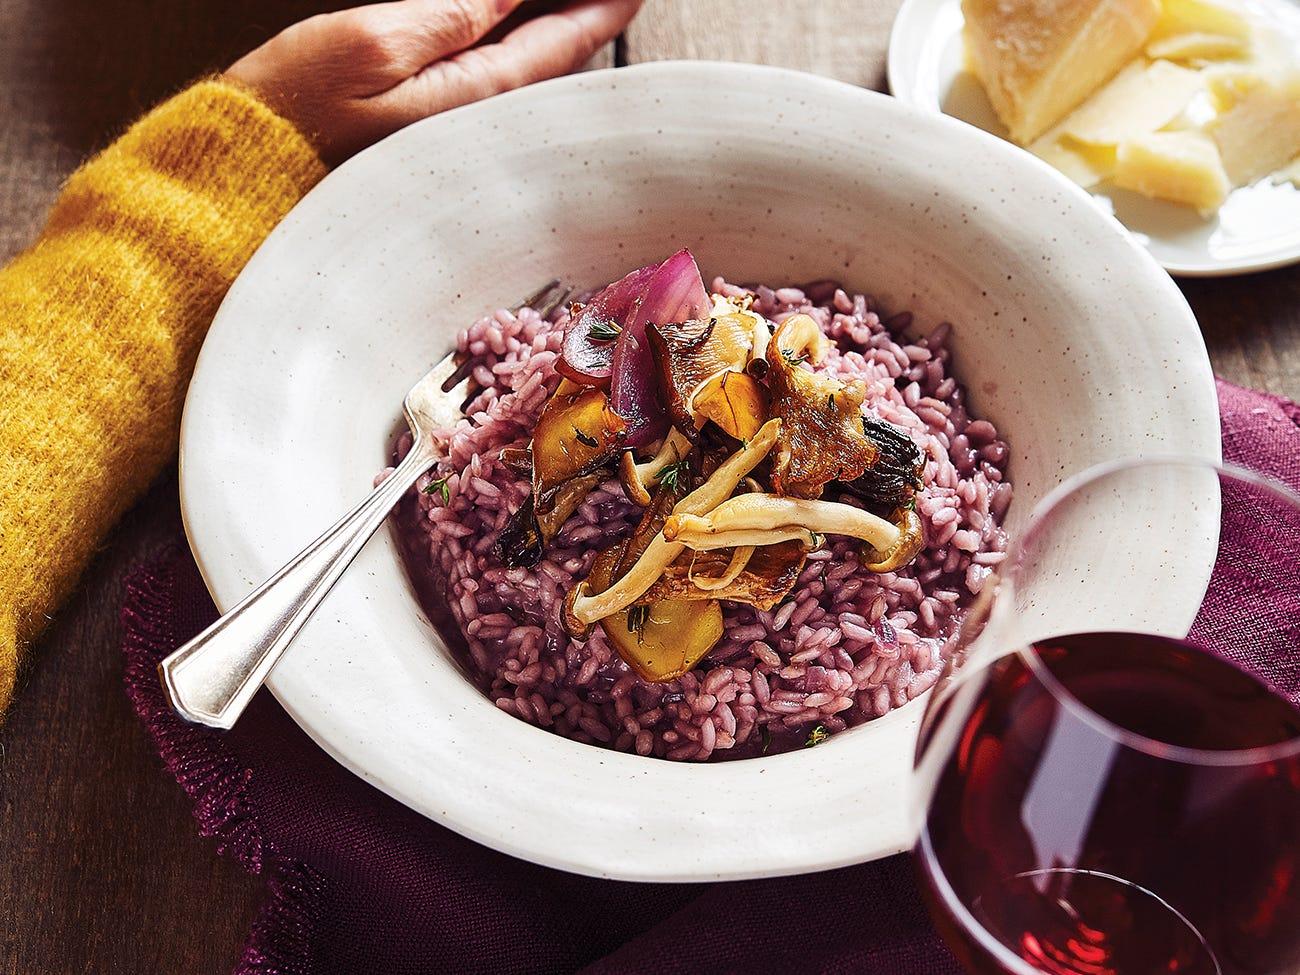 Risotto au vin rouge et aux champignons